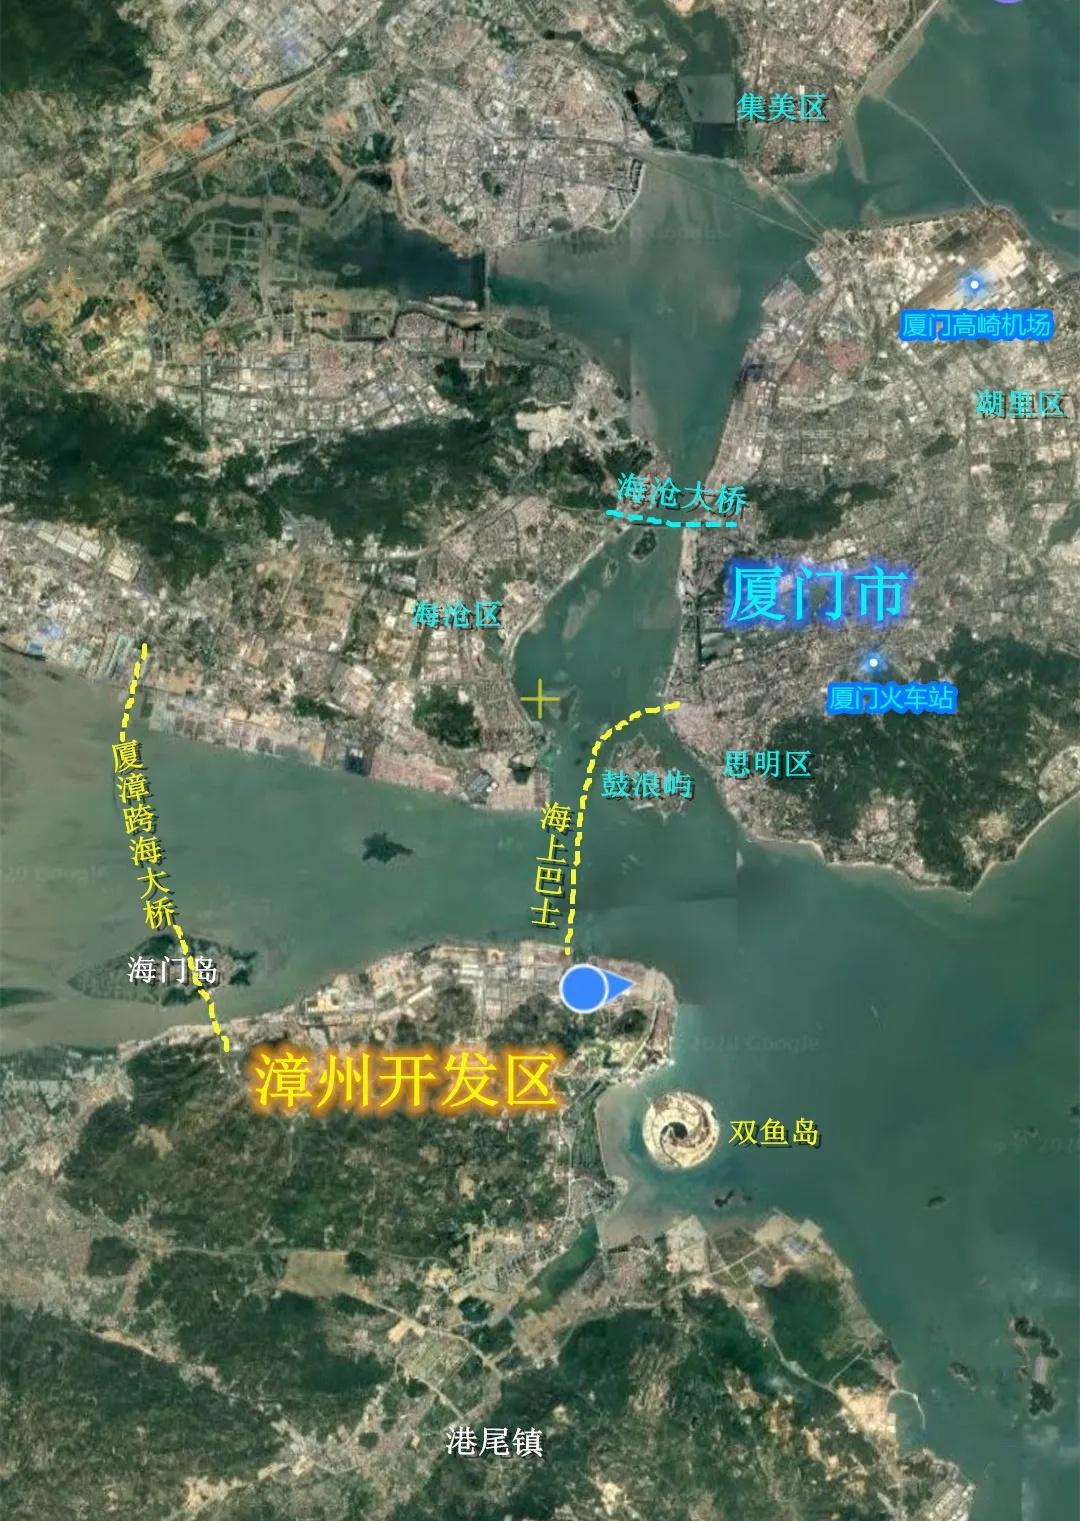 漳州龙海新闻_漳州龙海体育新闻_漳州龙海体育新闻